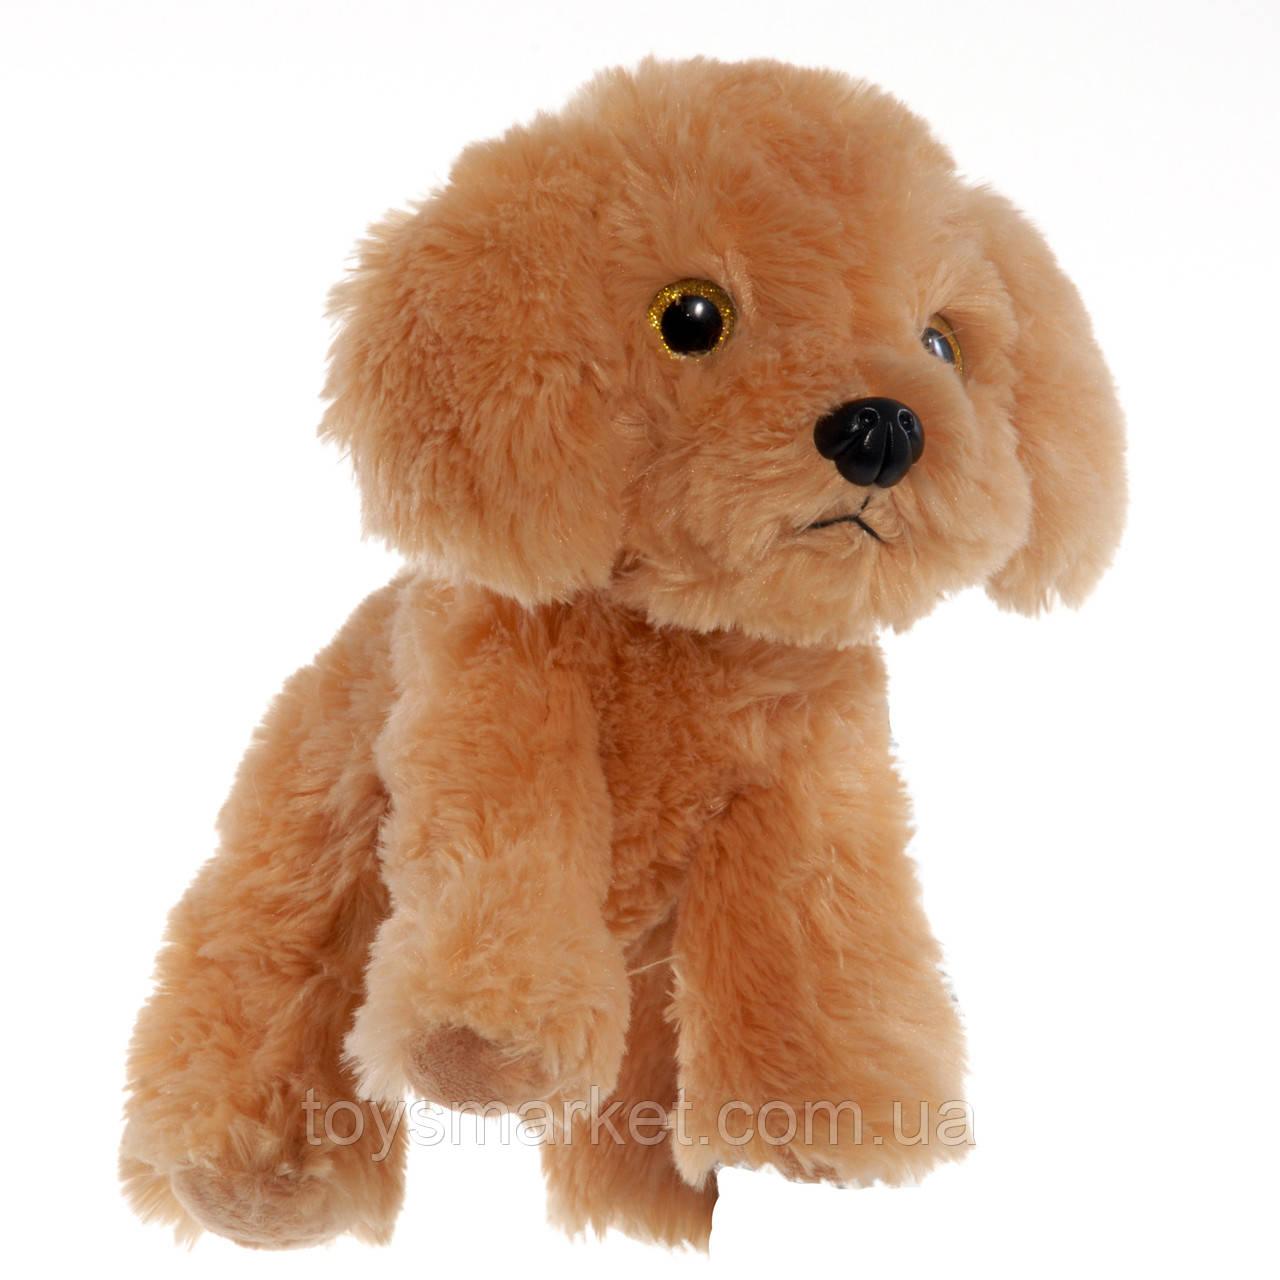 Детская мягкая игрушка песик Анри